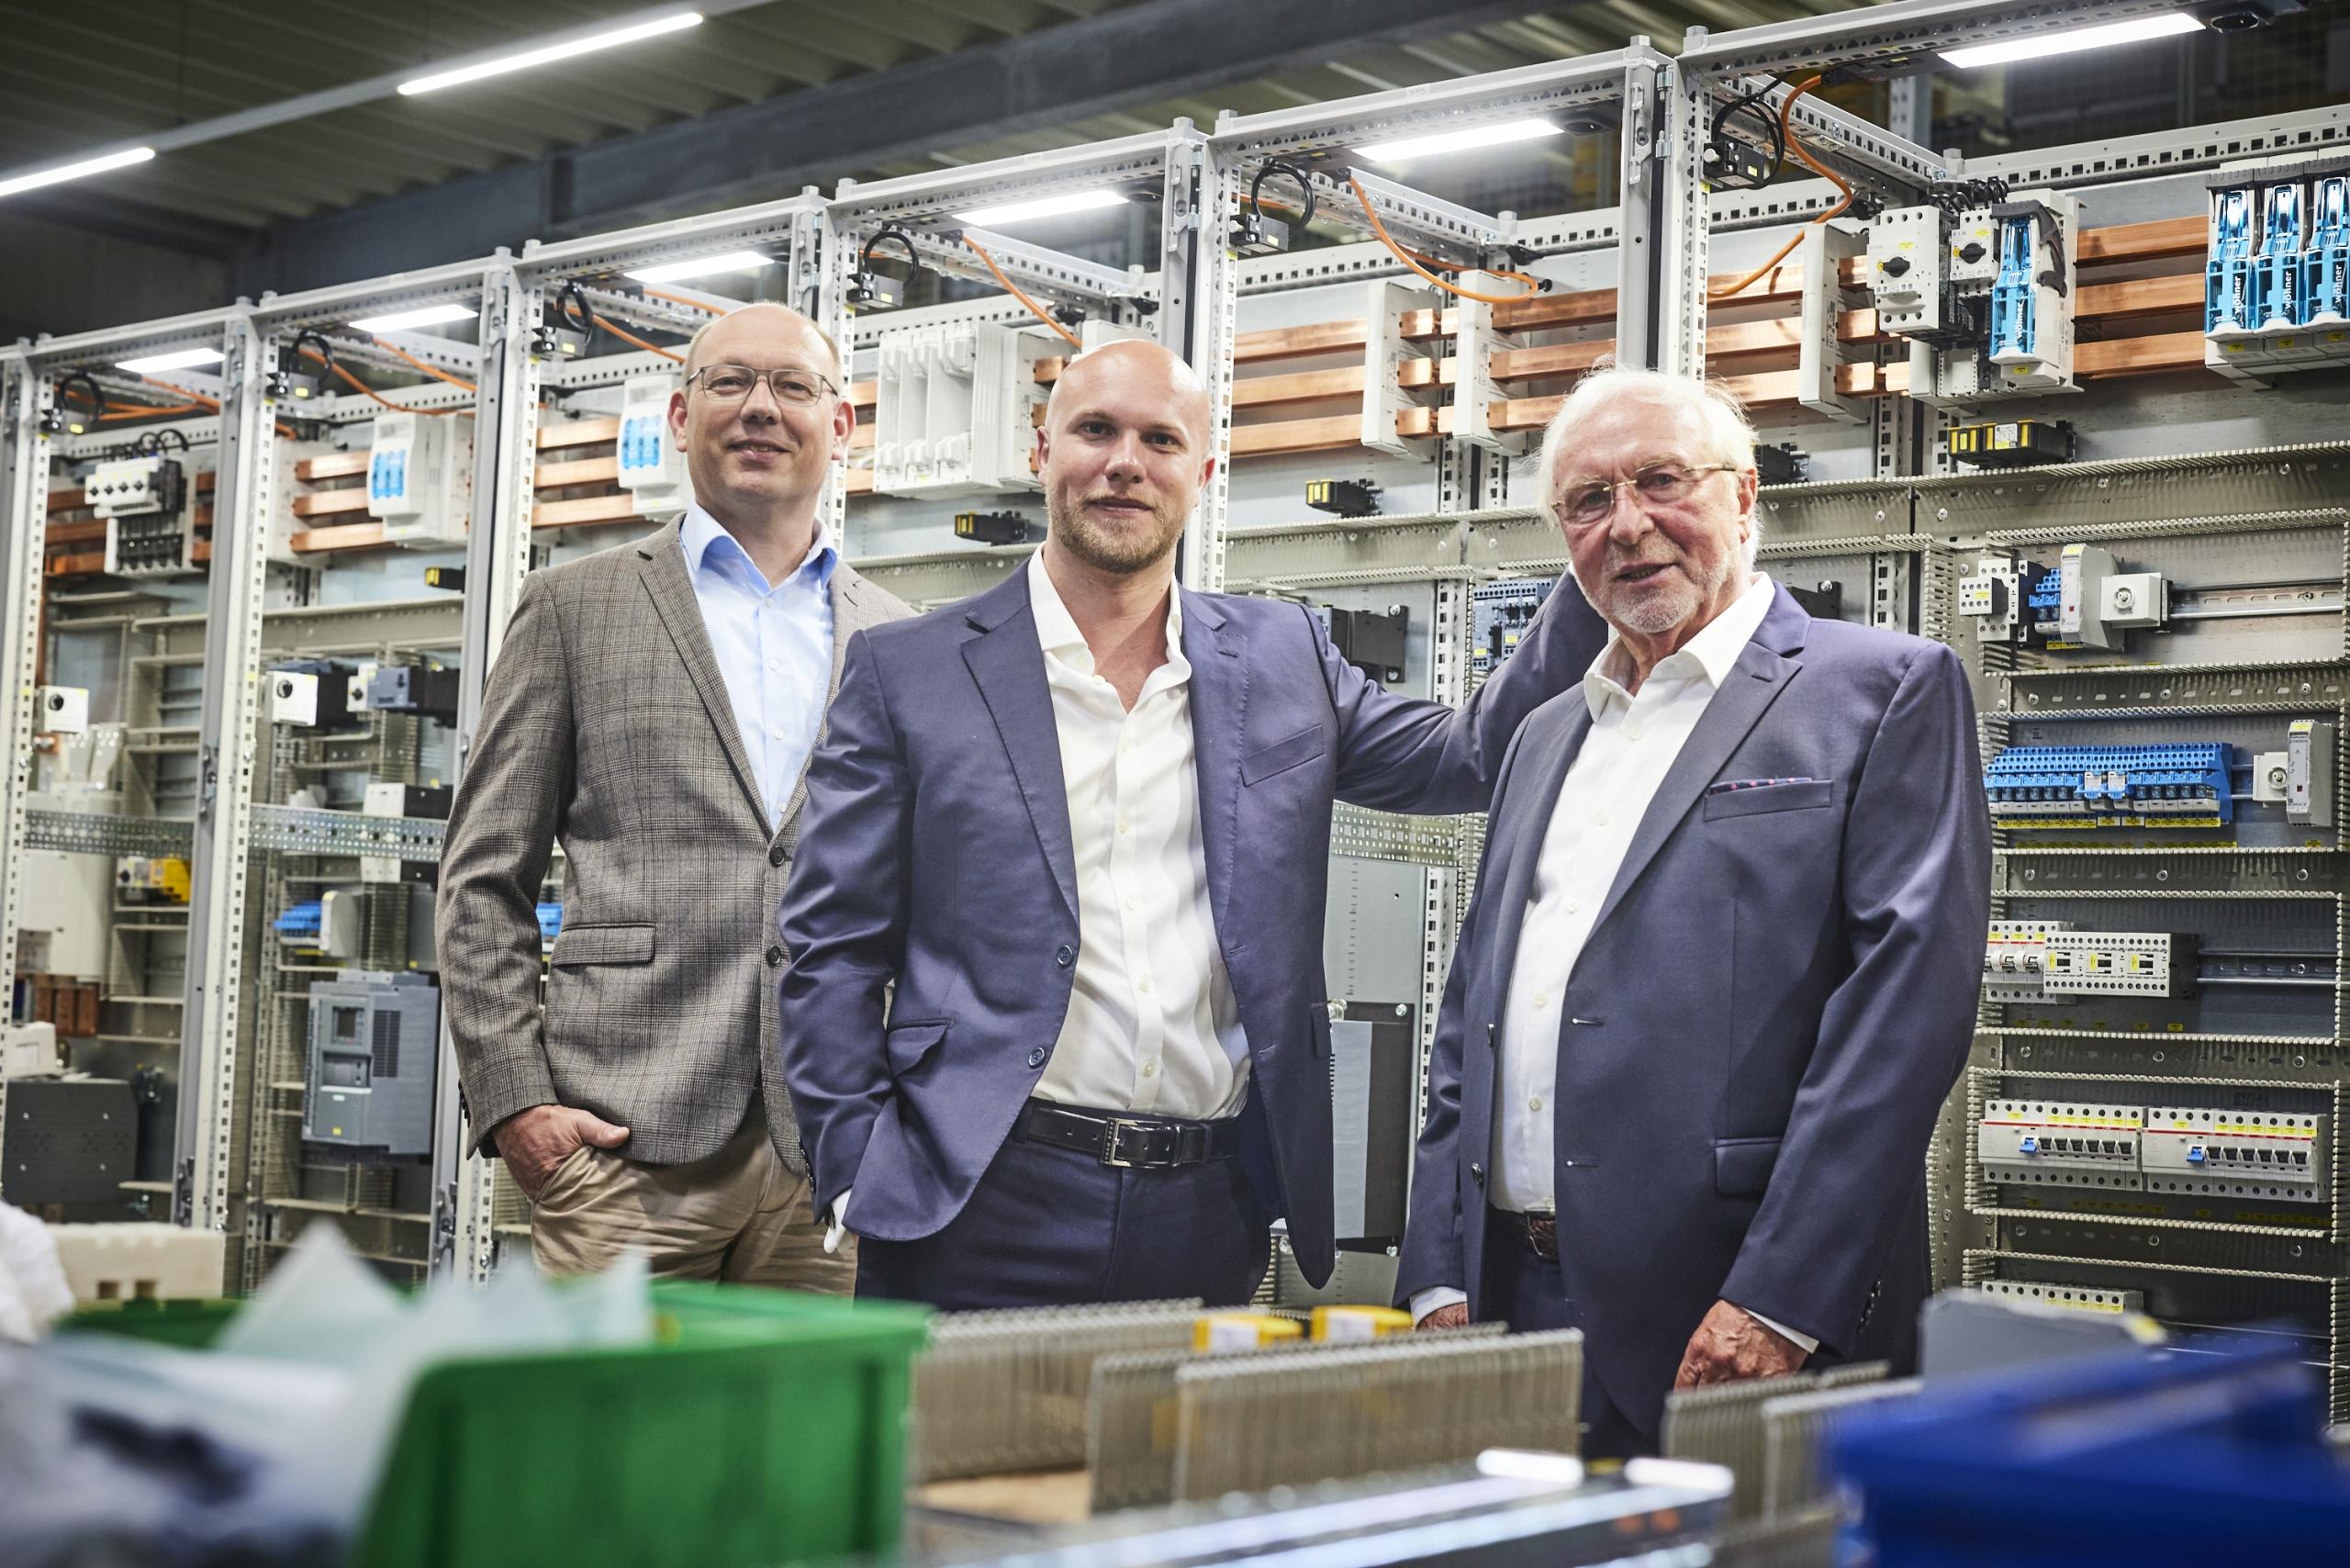 Roger Schiemann (links) und Julian Vetter (Mitte) bilden gemeinsam die Geschäftsführung. Wilfried Tempelmeyer (rechts), einer der beiden Gründer von Isoblock, verabschiedete sich nun in den Ruhestand.